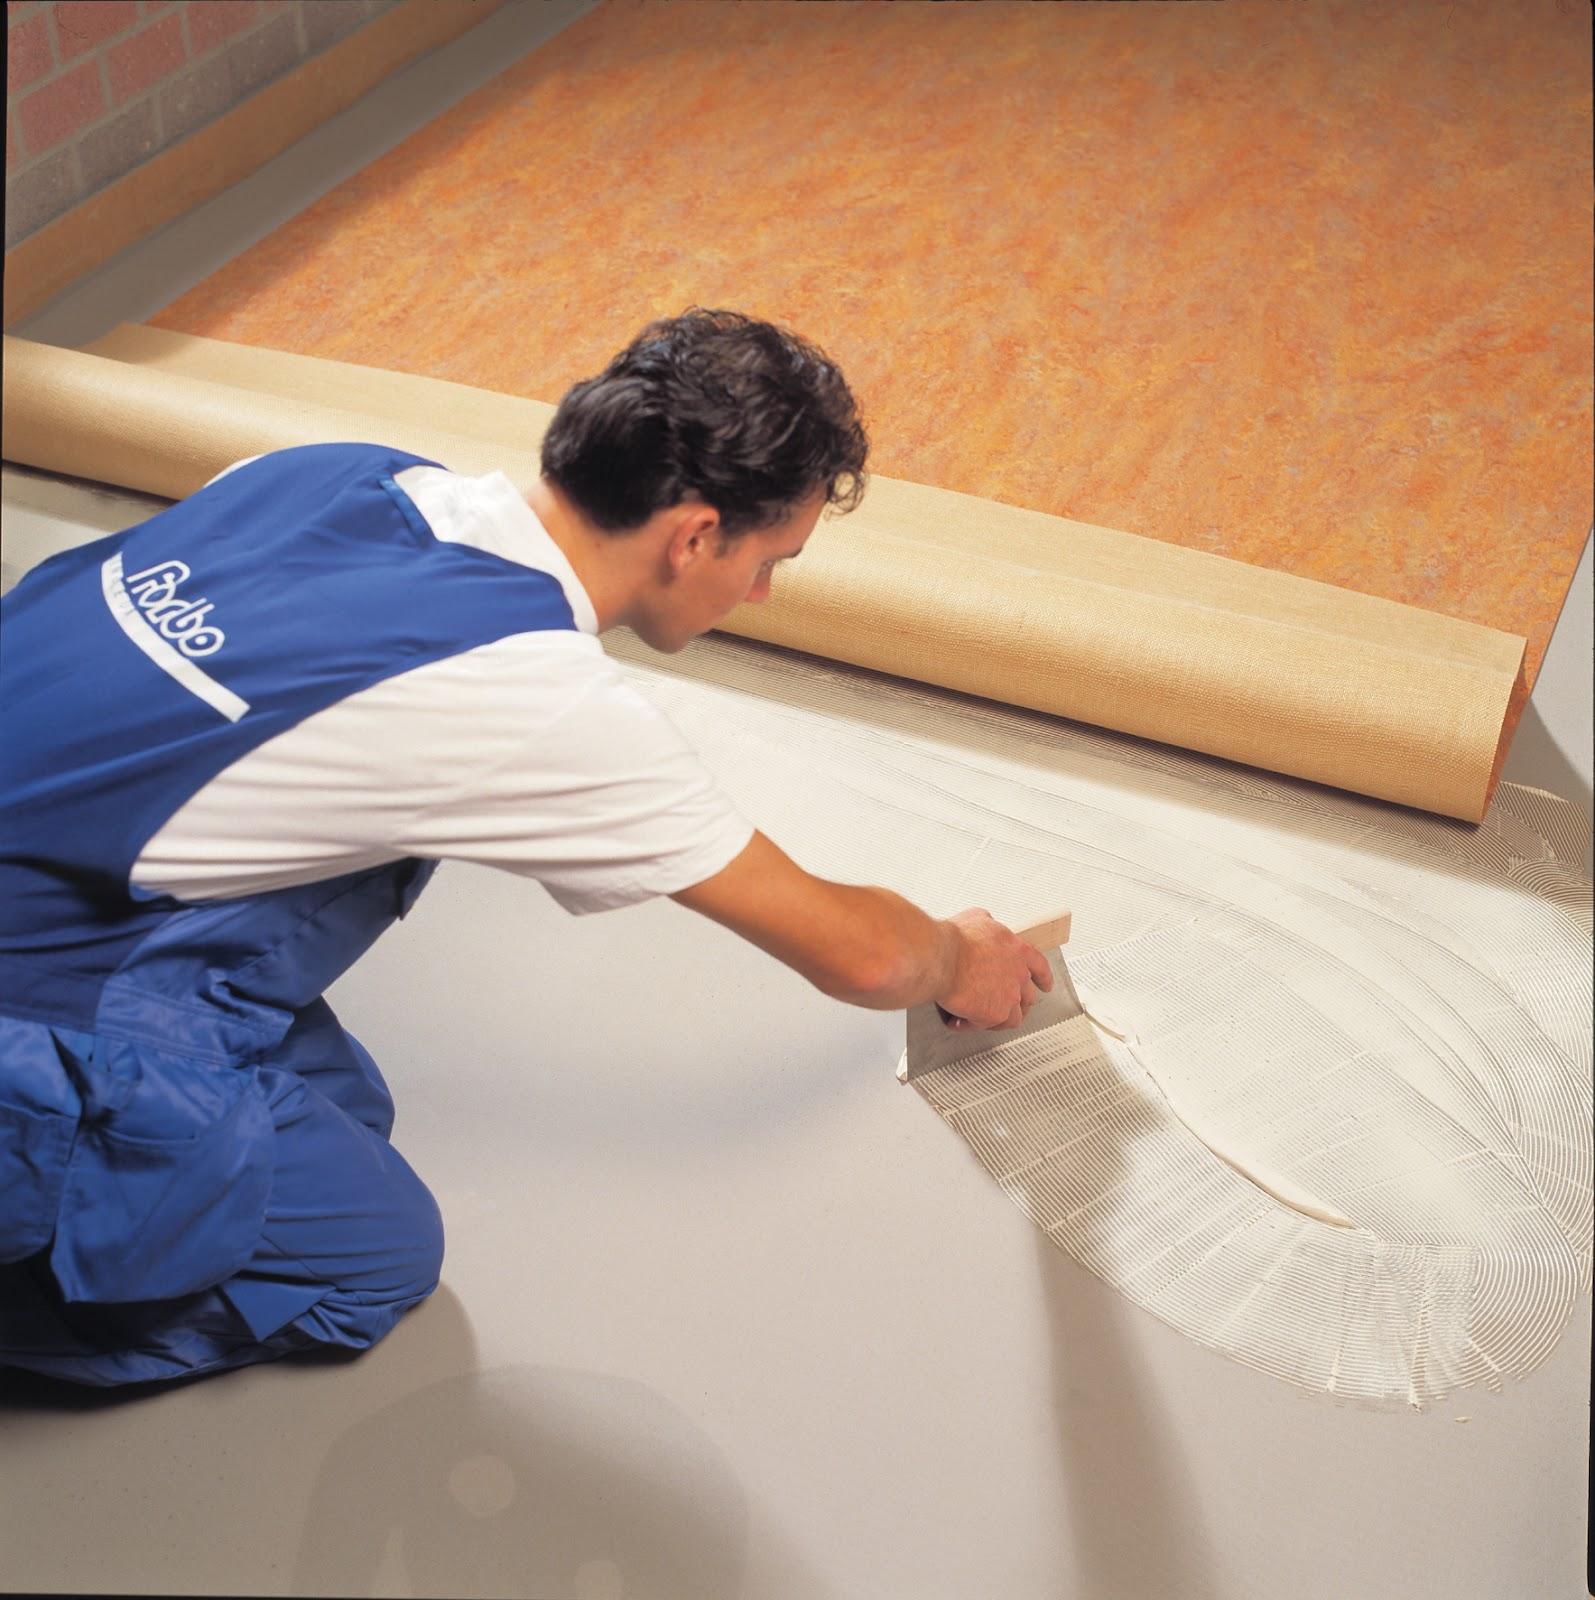 Manual de instalaci n de pavimentos los mejores adhesivos - Linoleo suelo precio ...